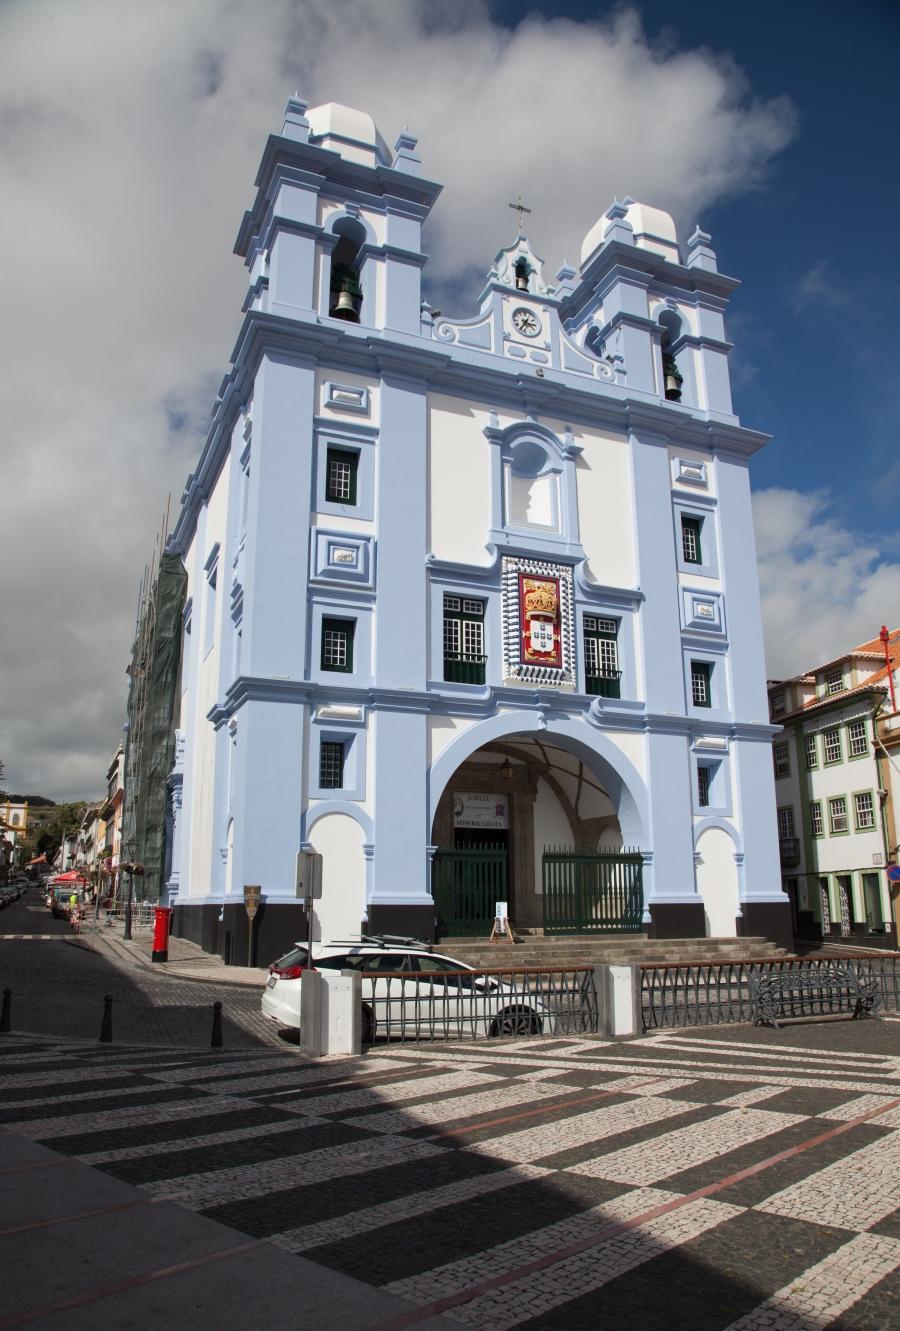 UNESCO-Weltkulturerbe: Angra do Heroísmo auf der Insel Terceira. (Foto: ps - für Vergrösserung klicken)